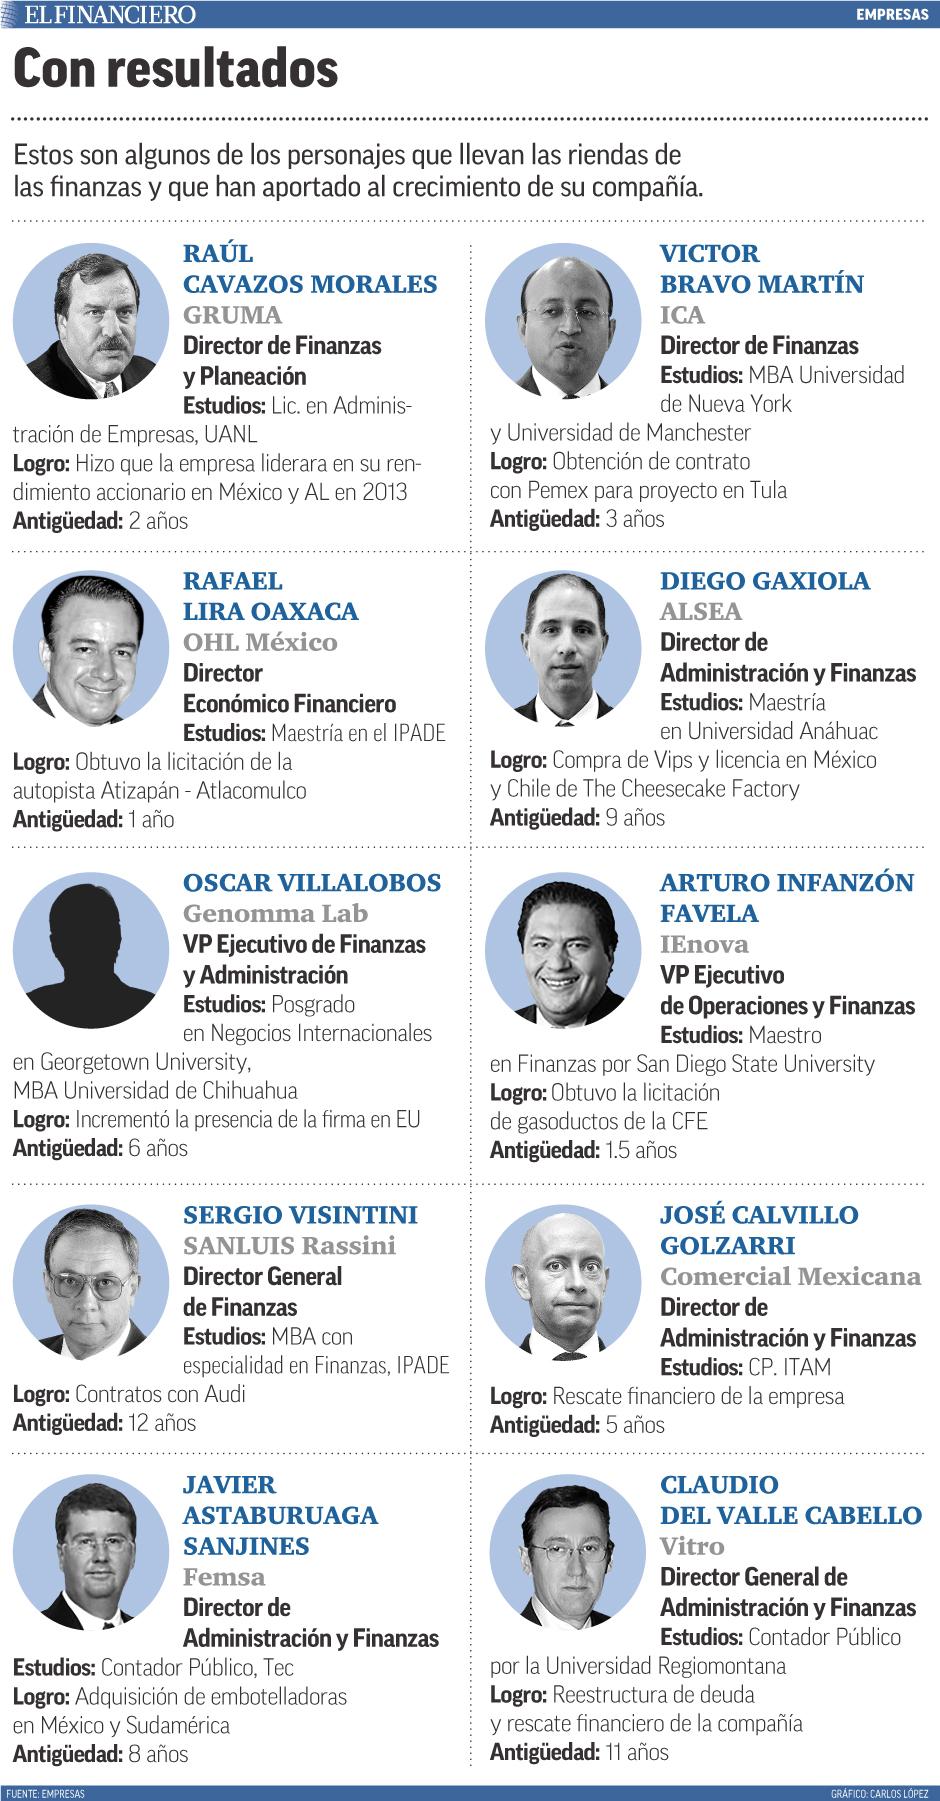 Estos son algunos de los personajes que llevan las riendas de las finanzas y que han aportado al crecimiento de su compañía